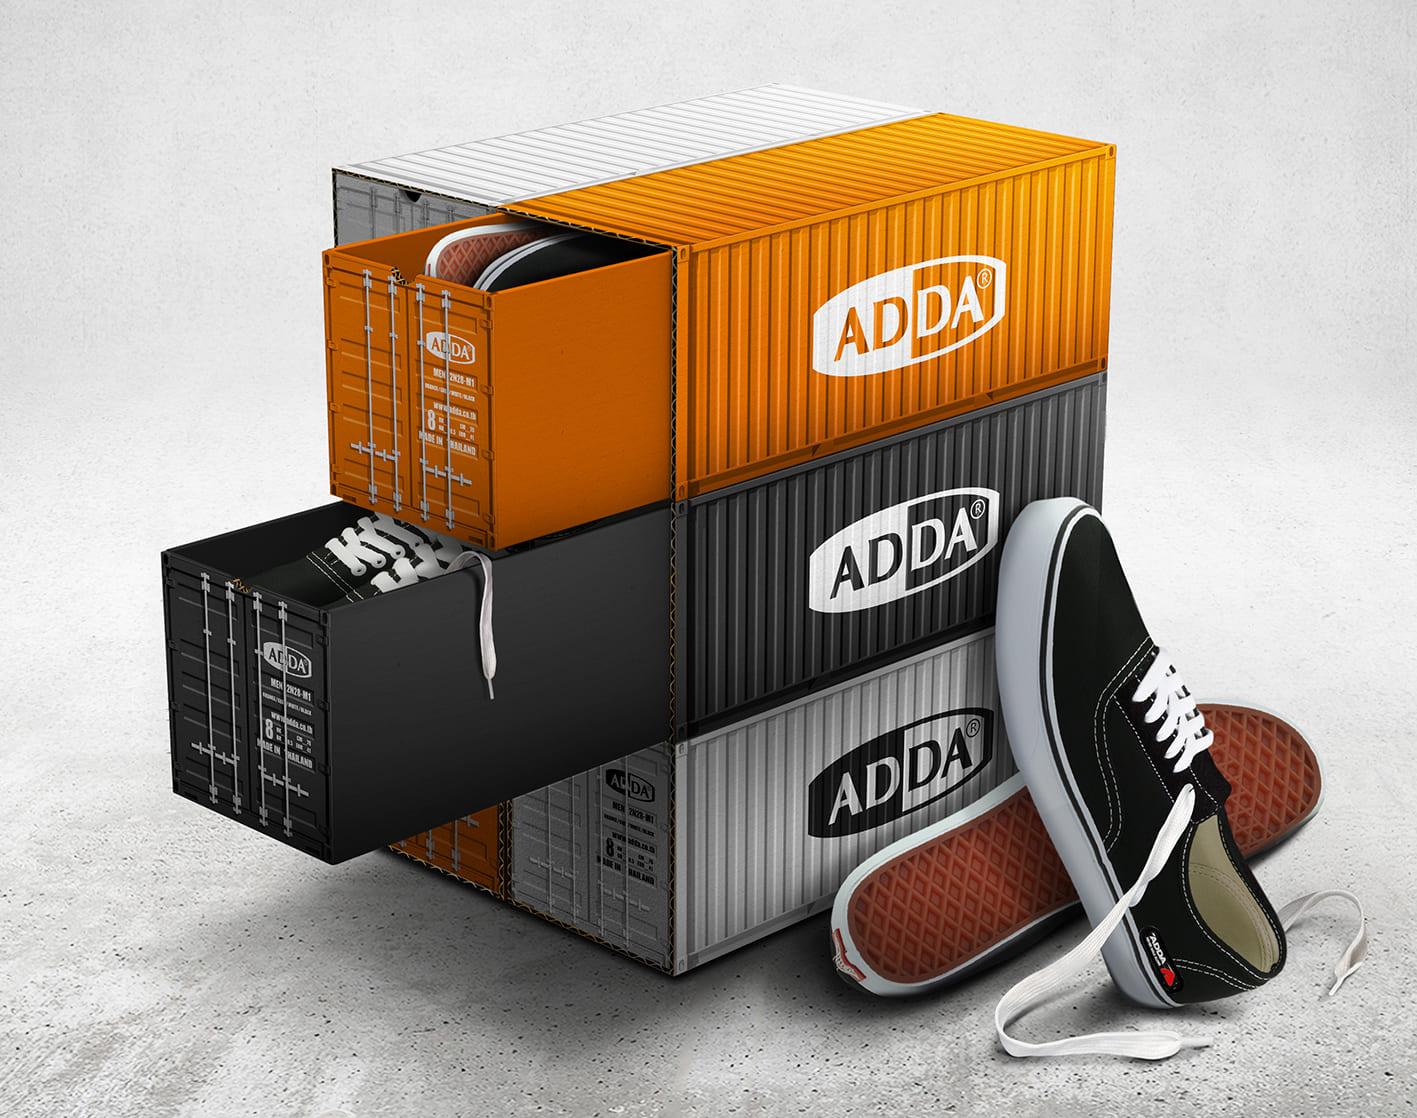 adda-02